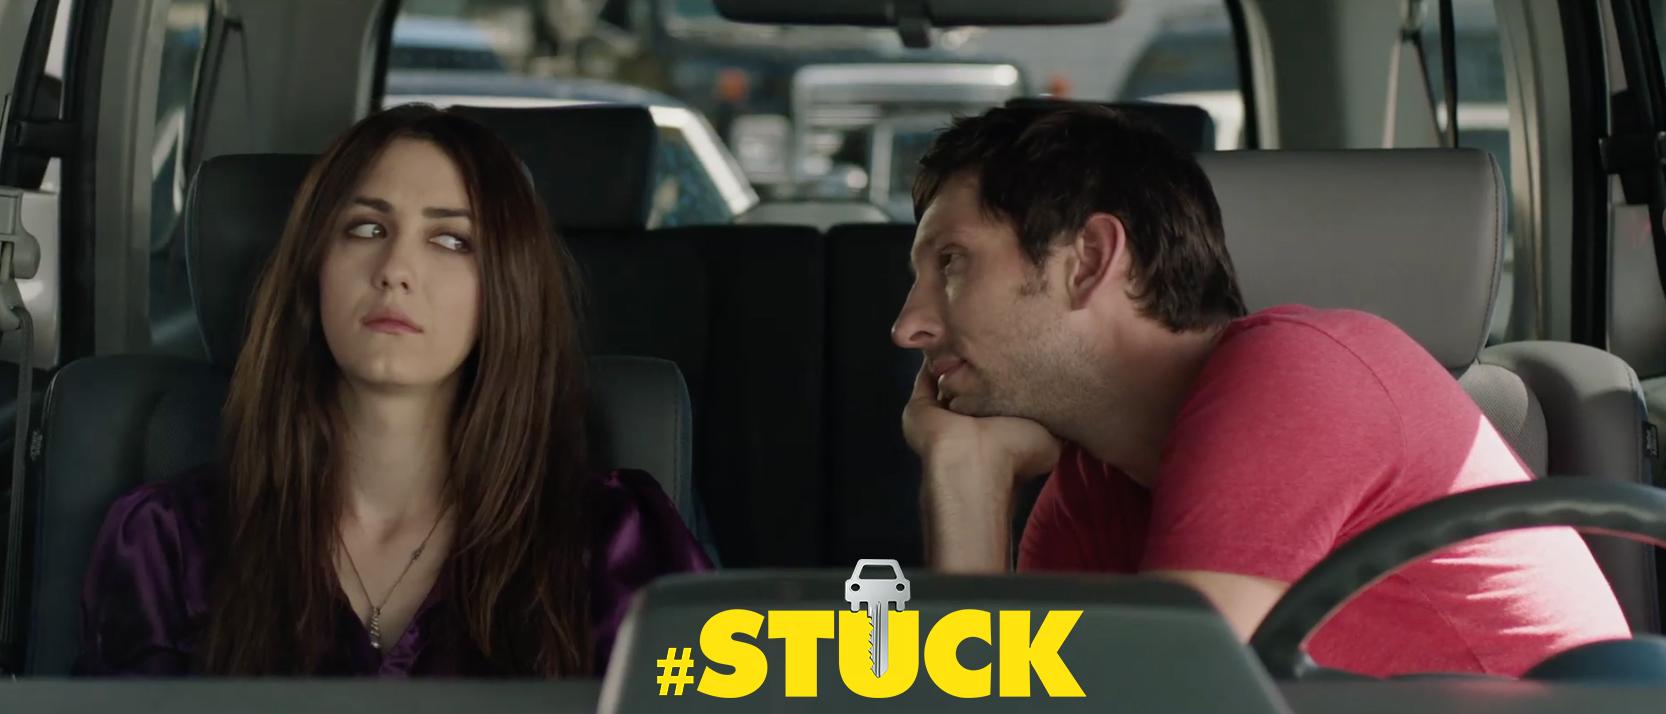 #STUCK